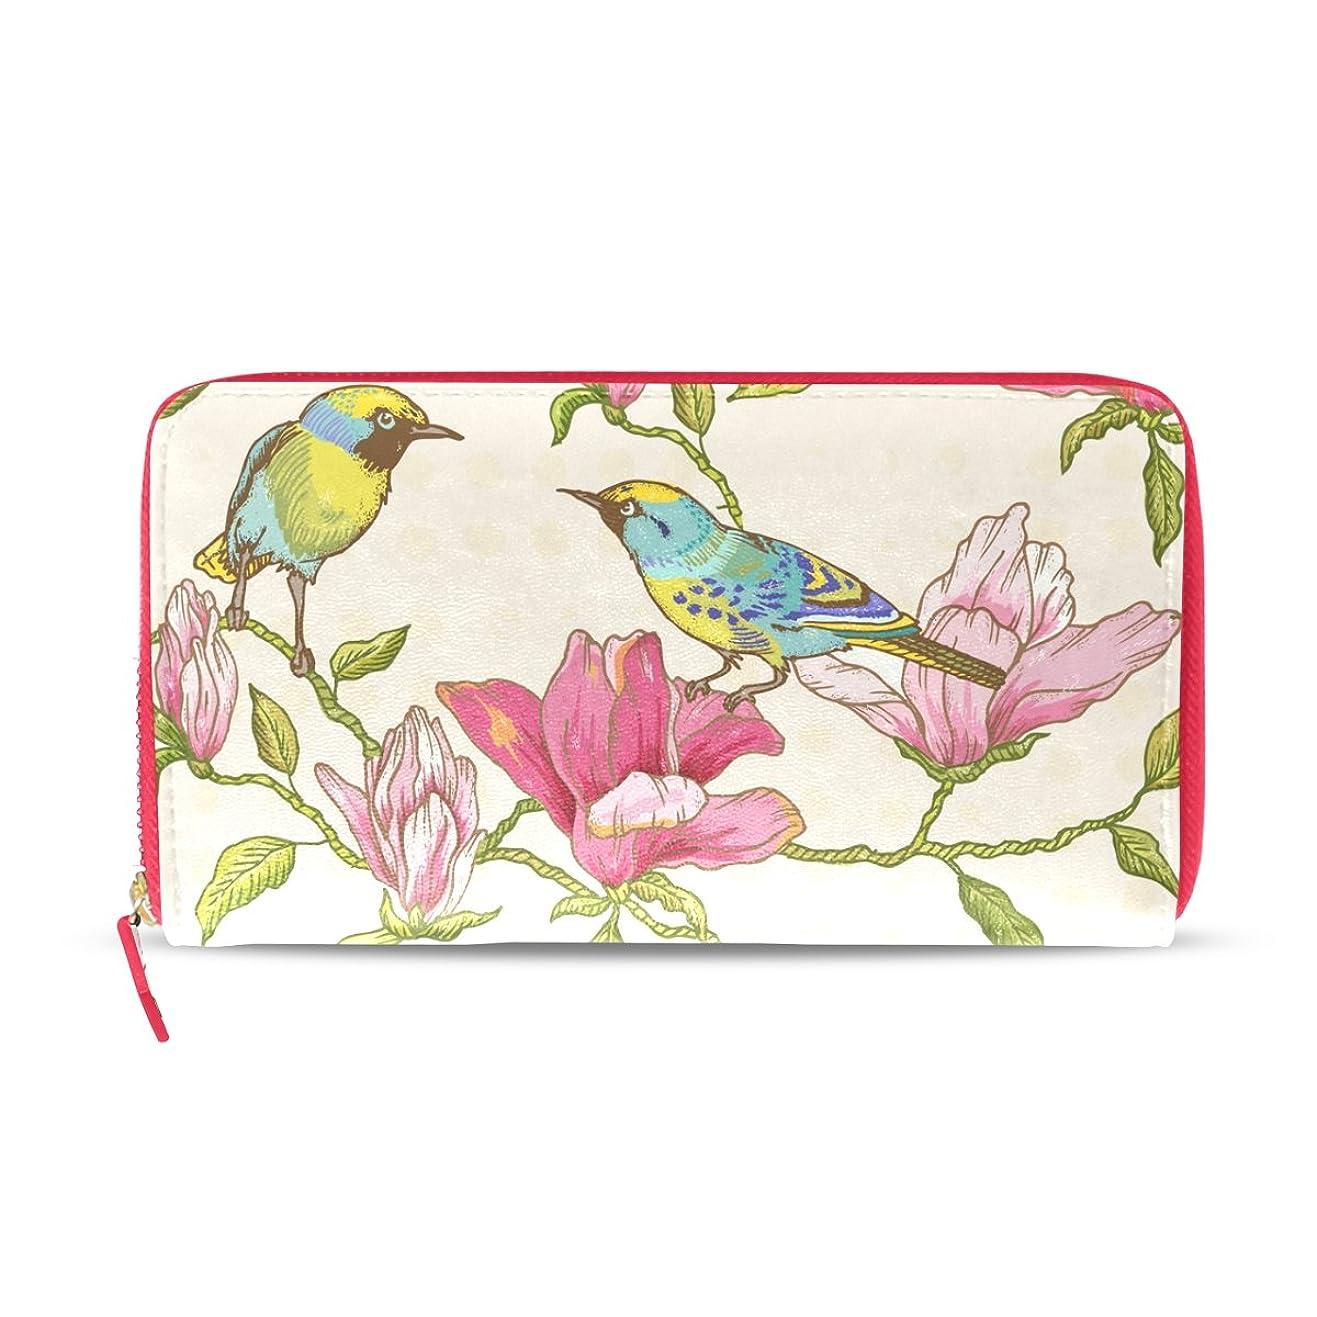 ひばり悔い改め忠実なAOMOKI 財布 レディース 長財布 鳥 花 ピンク カラー ラウンドファスナー PUレザー 大容量 二つ折り 幅20*丈11cm